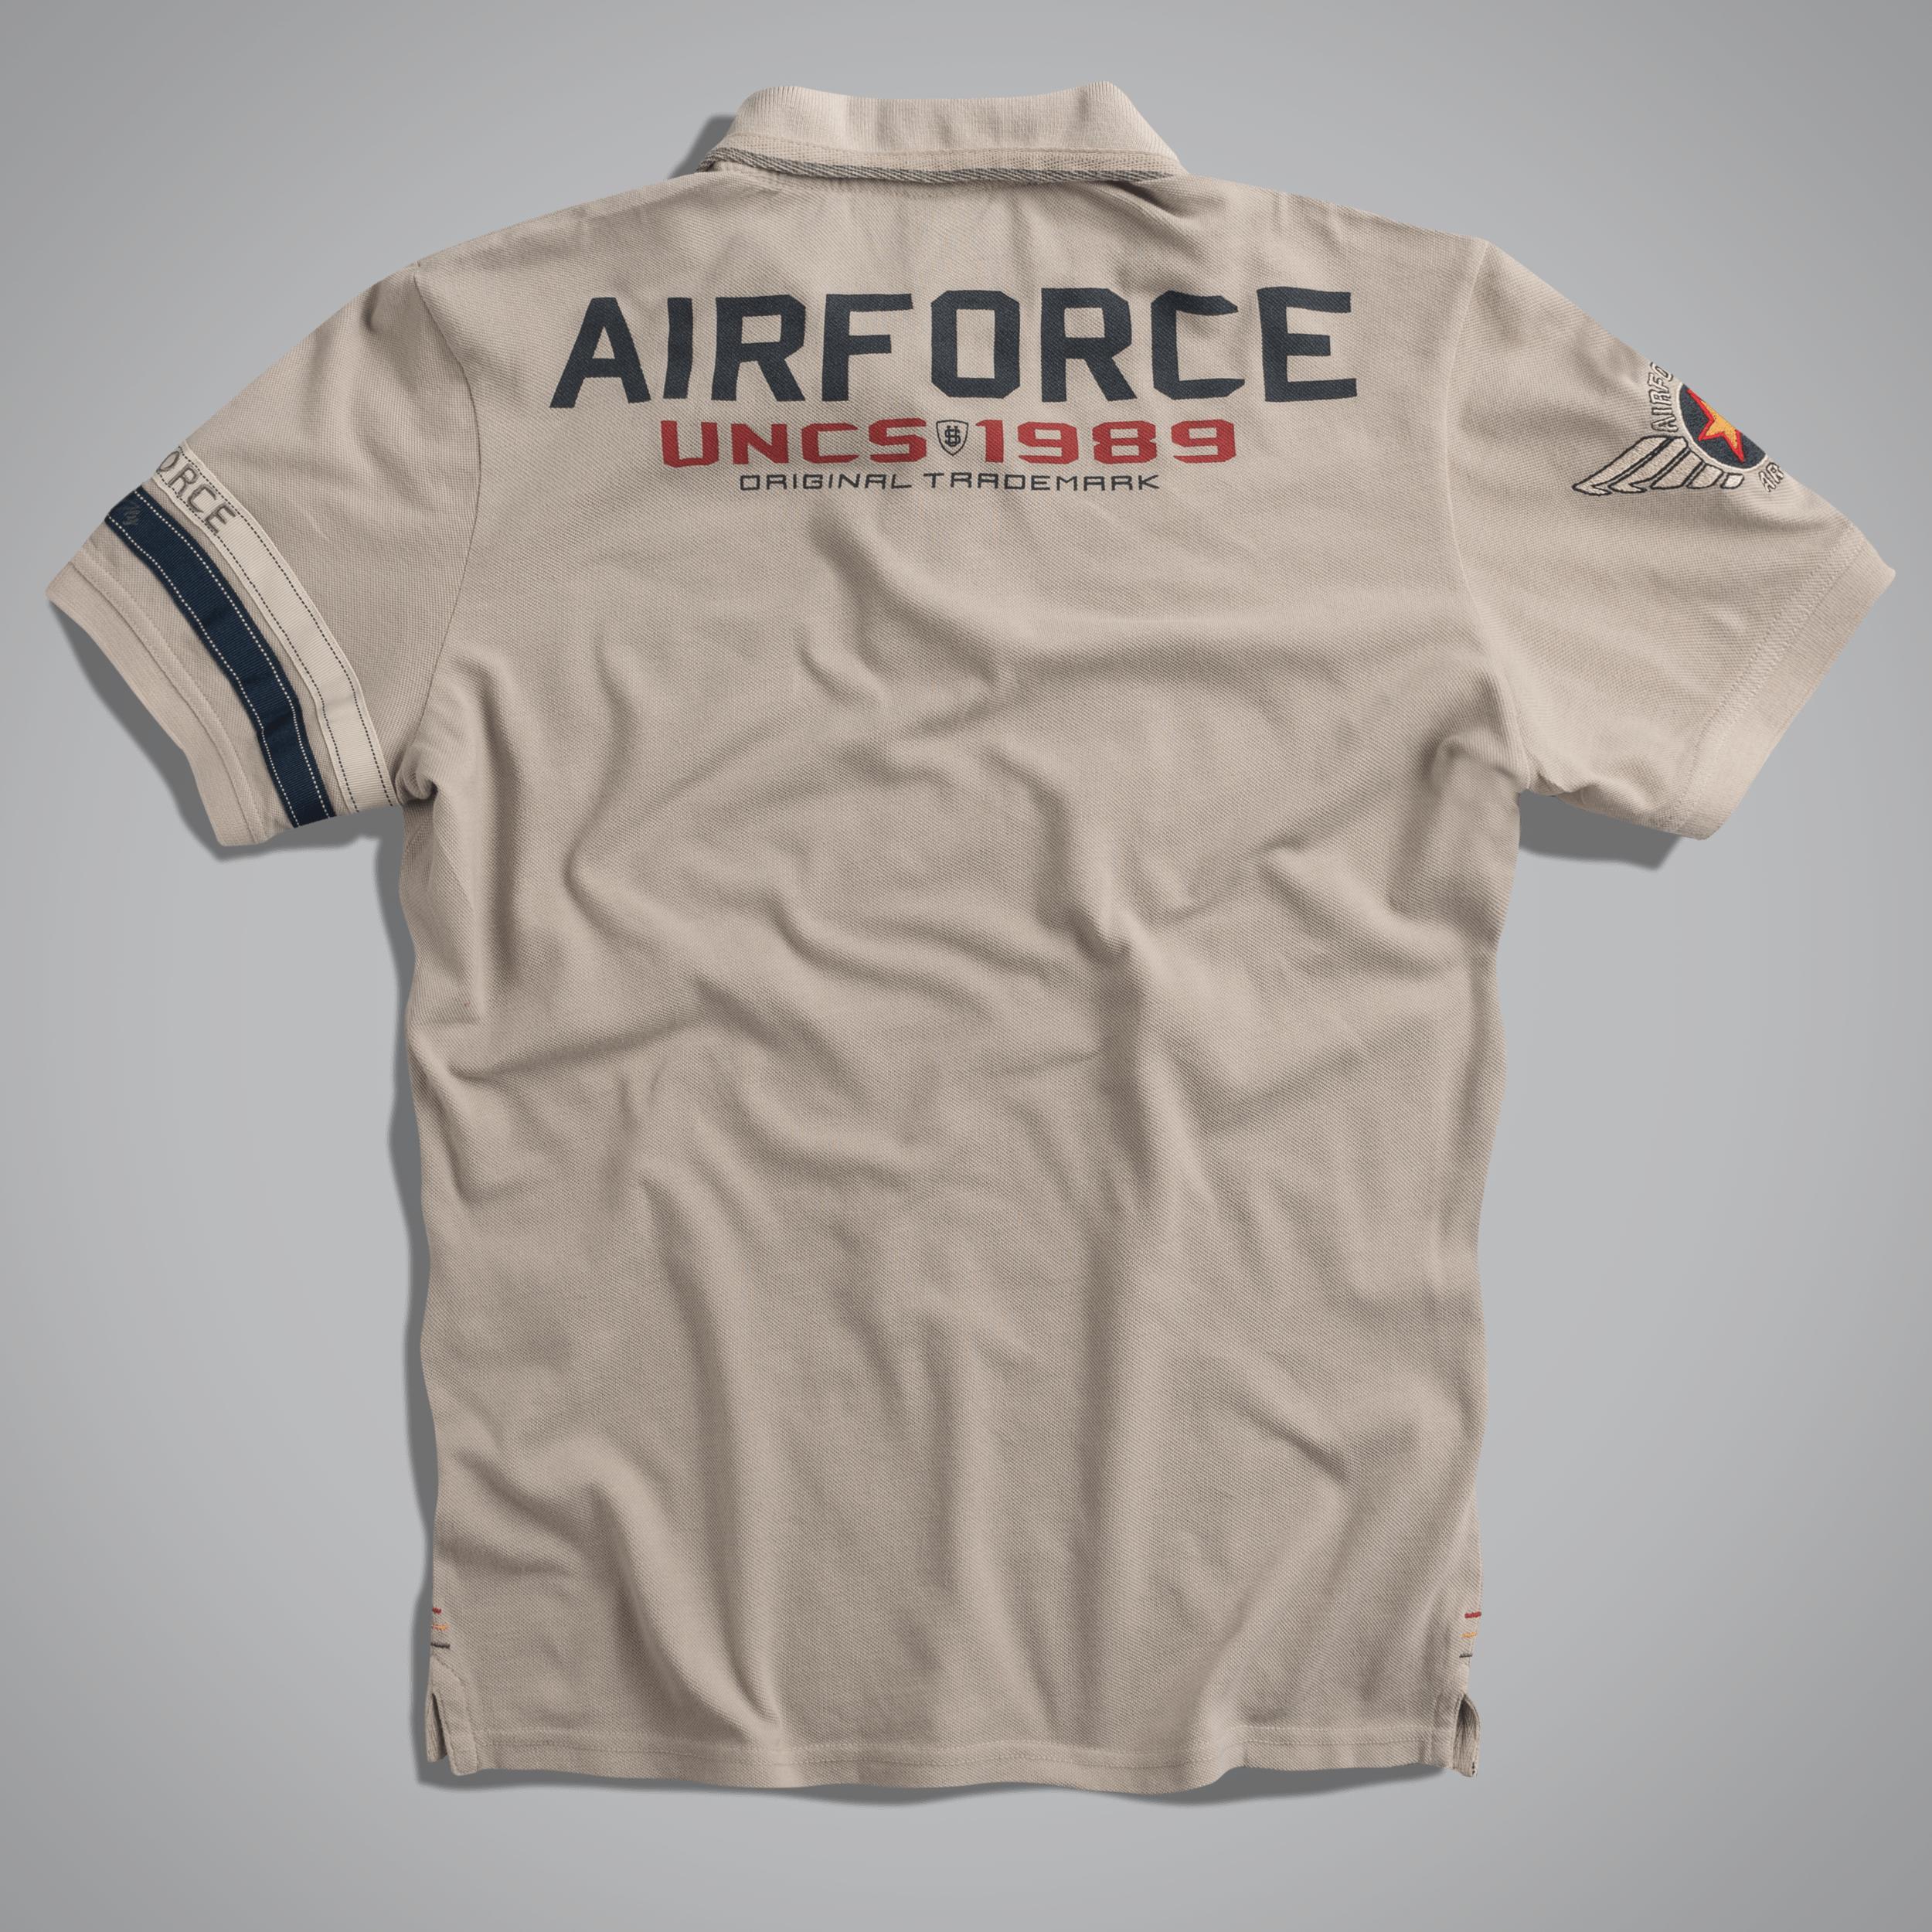 Pánské pólo Airforce II - Outlet - doprodej pánského oblečení 7fc67e240f